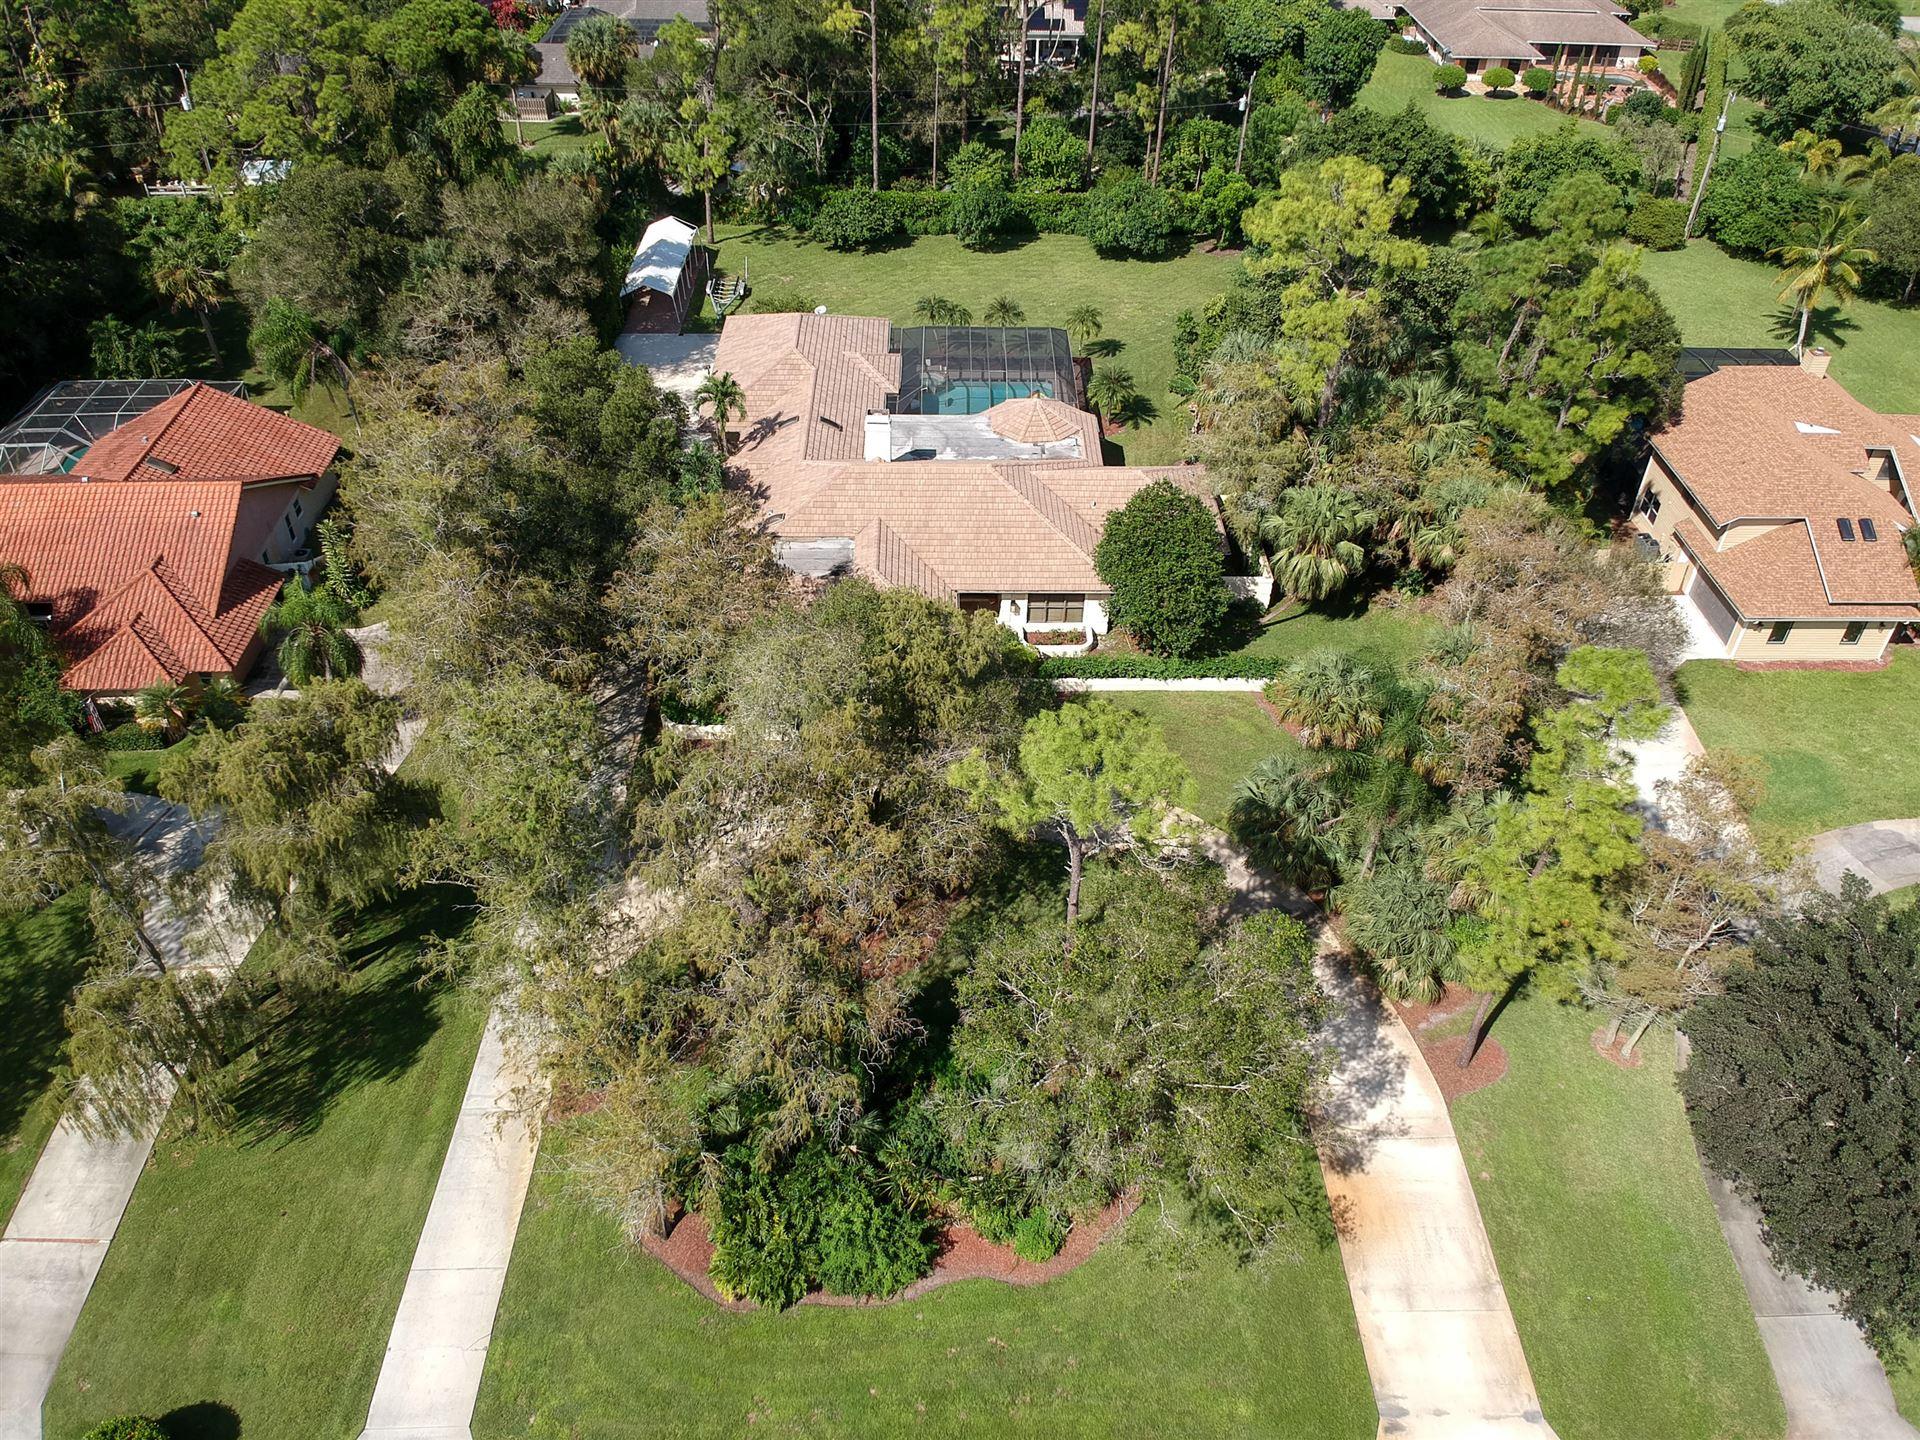 14129 Greentree Trail, Wellington, FL 33414 - #: RX-10679138